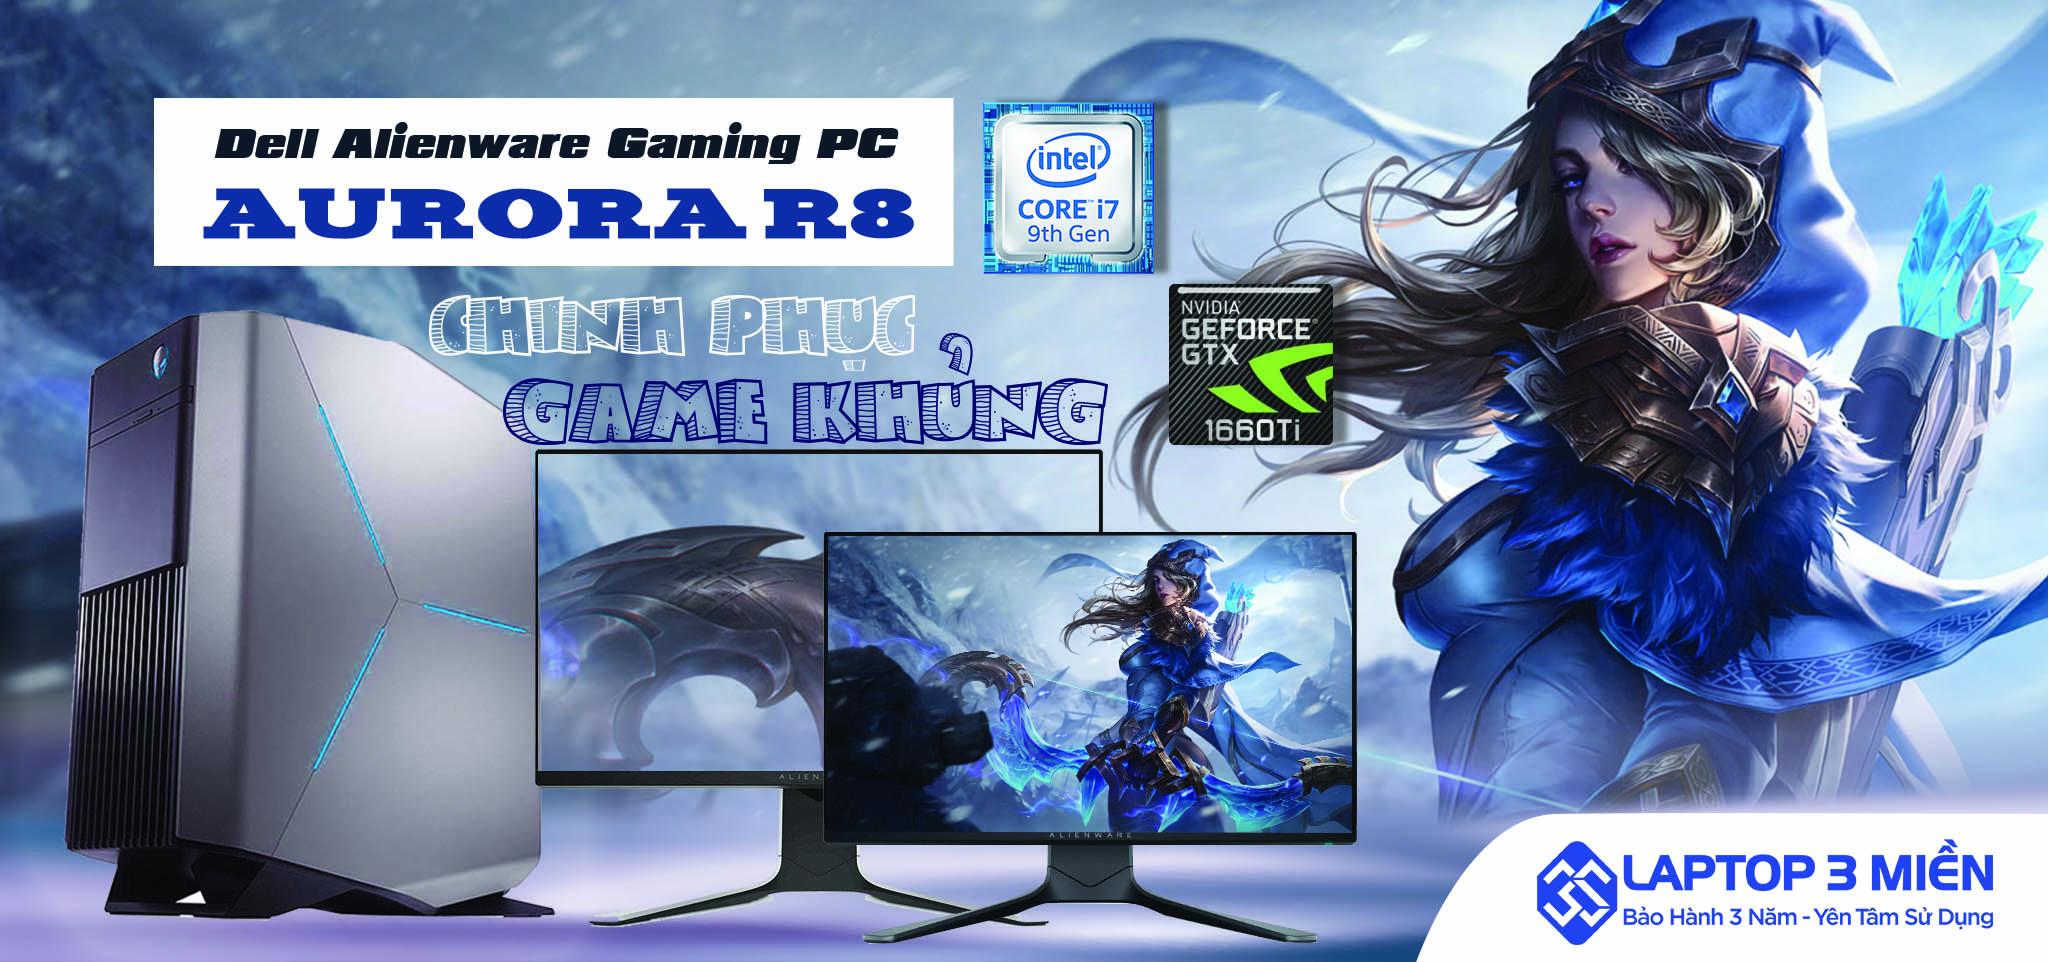 Dell Alienware Gaming PC Aurora R8